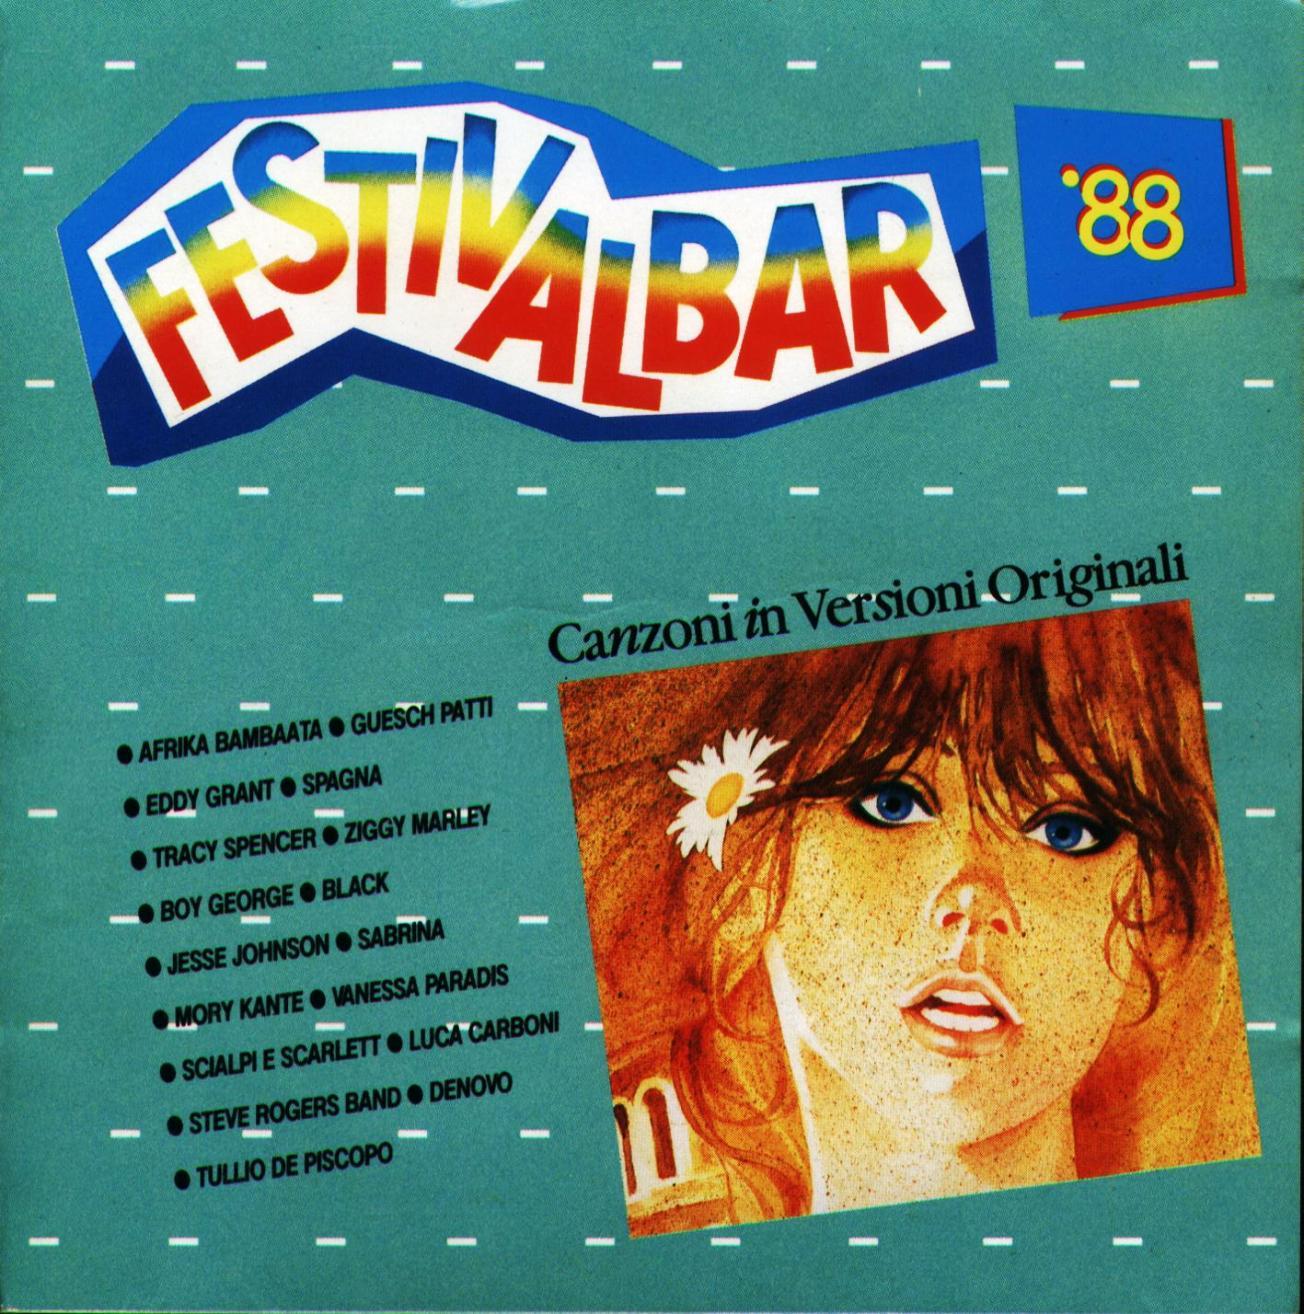 festivalbar-1988-disco